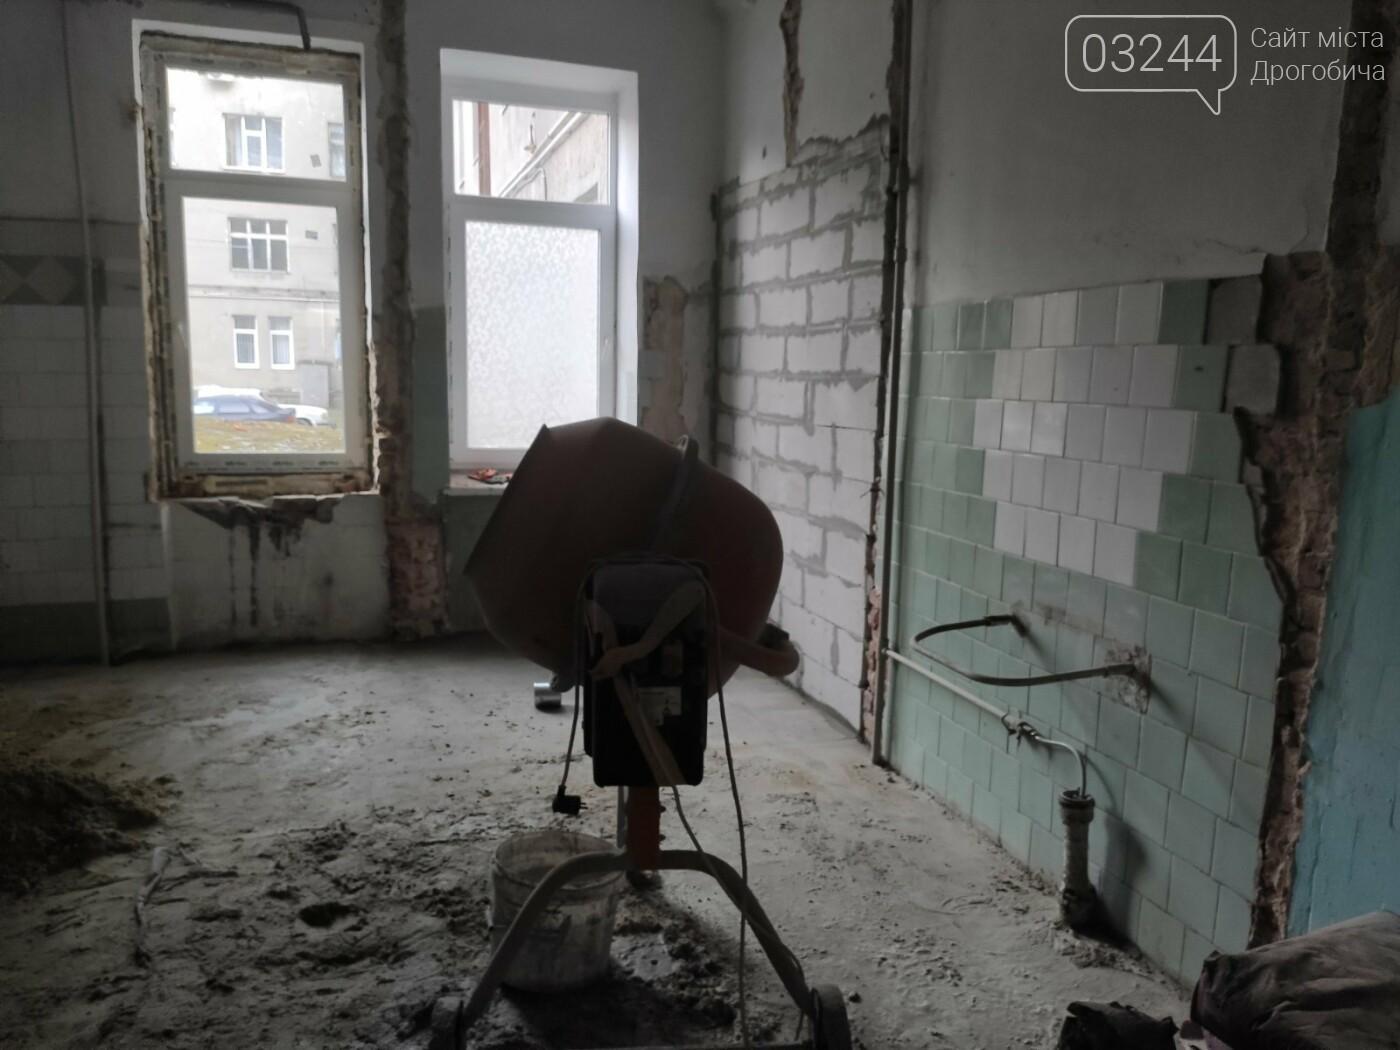 Дрогобицька міська лікарня №1 оновлює  приймальне відділення  – стартував капремонт приміщення  , фото-5